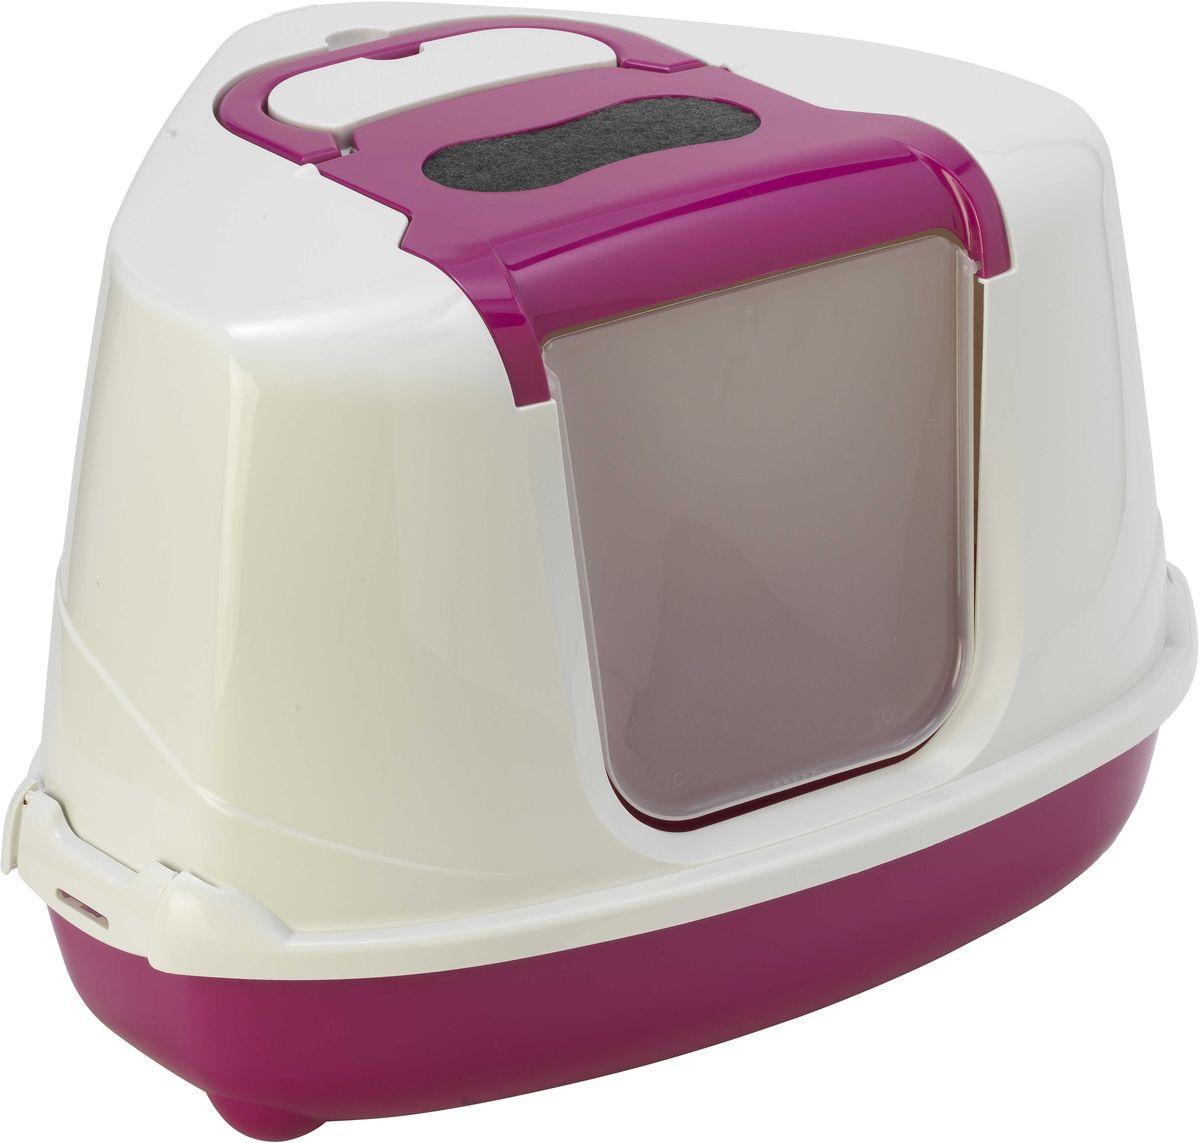 Туалет угловой закрытый для кошек Moderna Flip Corner, цвет: ярко-розовый, 56 х 45 х 39 см14C250328